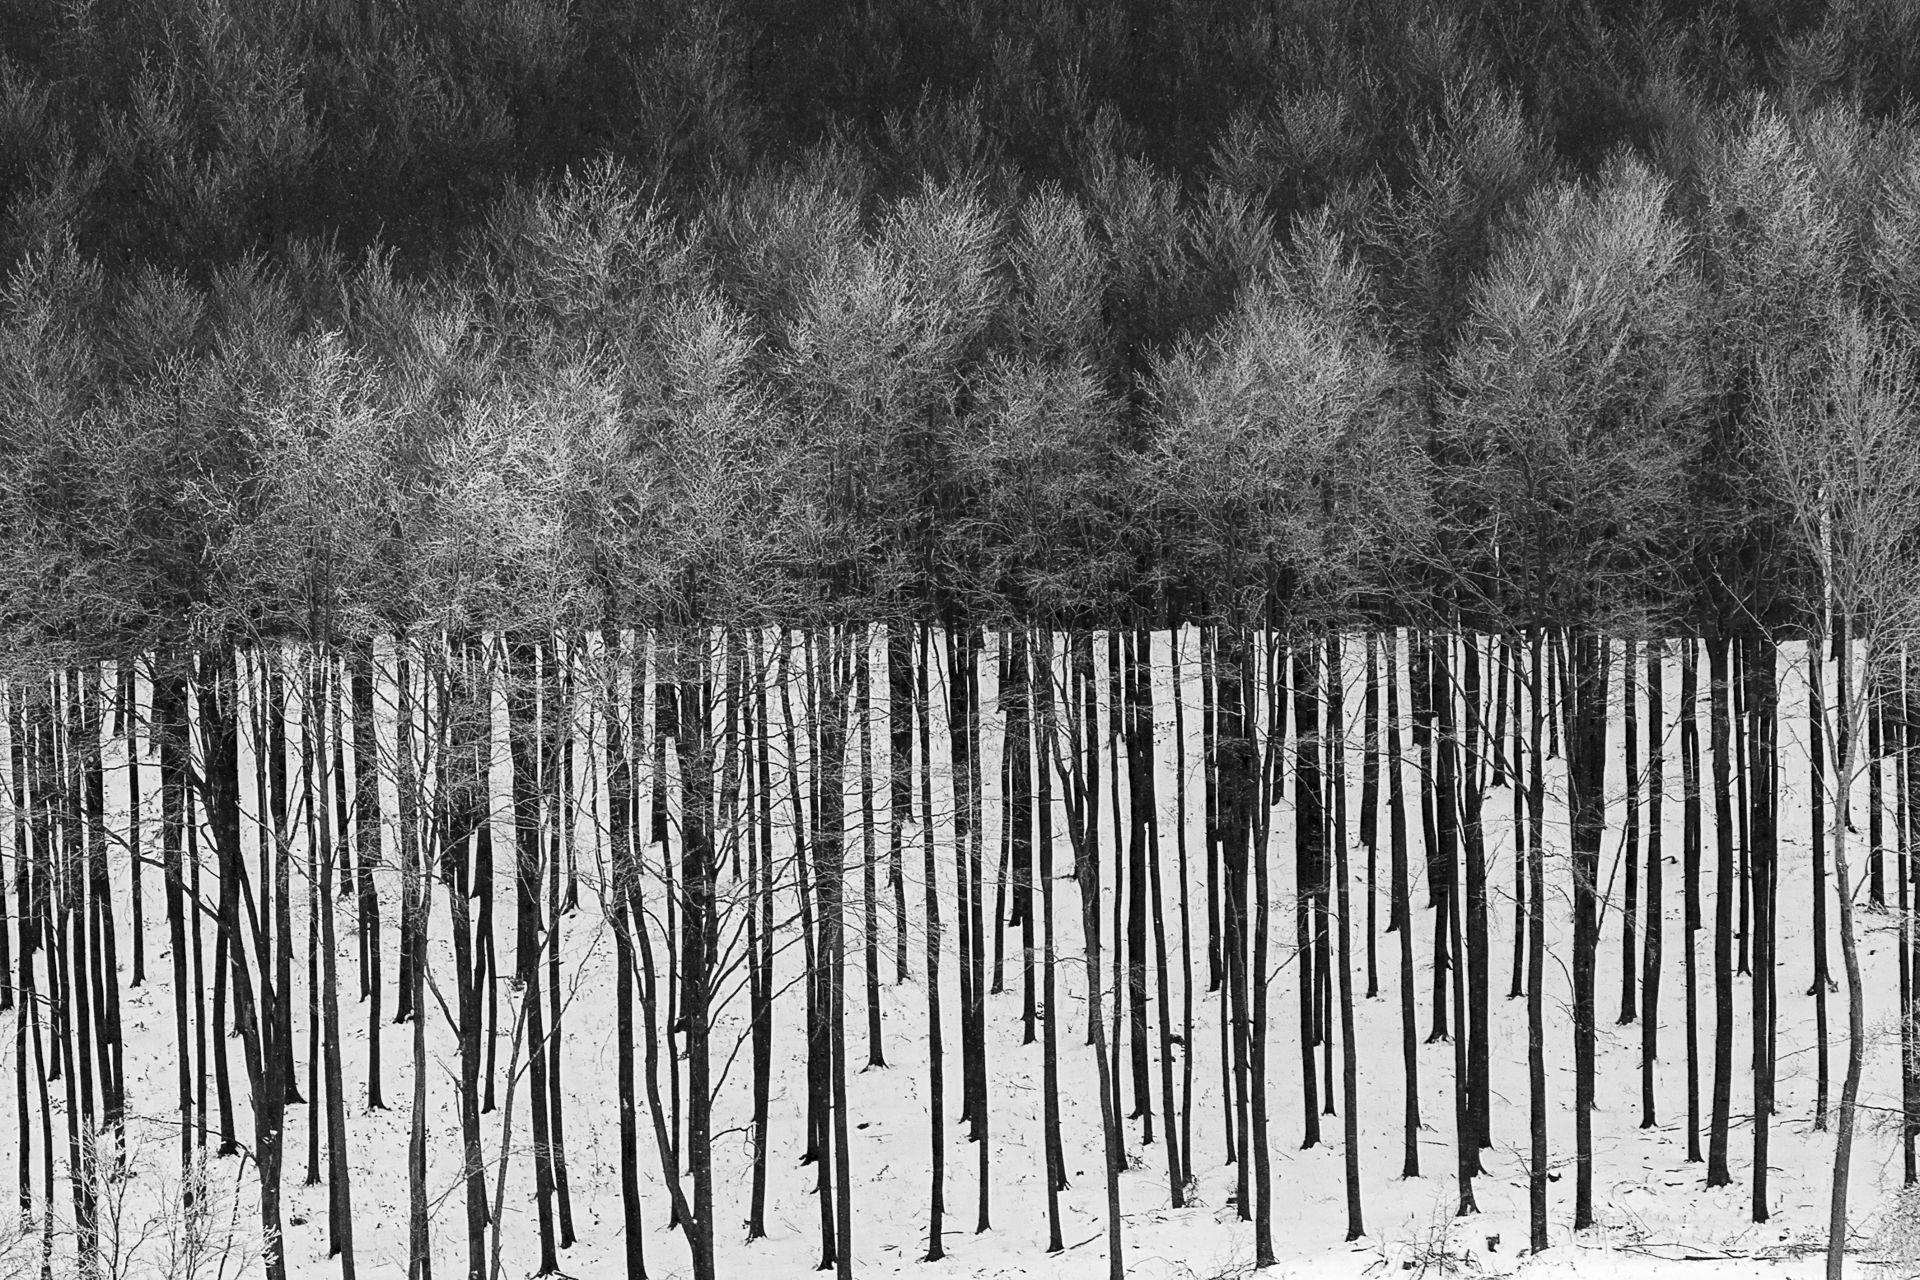 Fotó: Urbán Helga: Vonalkód No.2<br />A legtöbb természetfotót a kép megálmodása, gondos tervezés előzi meg. Ritka ajándék azonban, amikor a természet magától kínál fel egy témát. Ilyen alkalommal készült ez a kép is. A frissen leesett hó híre felcsábított a Bükk hegység legmagasabb pontjára. Ezerszer megtettem már ugyanezt a kört, de most valahogy megláttam ezt a részletet. Nem tudom, máskor is így nézett-e ki, és elsiklottam felette, vagy csak most, egy rövid időre alakult ilyenné. A távoli fenyőerdő közepén egy részt tarra vágtak, a maradék fák tűlevelein pedig megült a frissen hullott hó, amely így érdekes kontrasztot adott a fehér hóval és a felkopaszodott fekete fatörzsekkel.<br /><br />Fekete-fehér természetfotók<br />1. díj